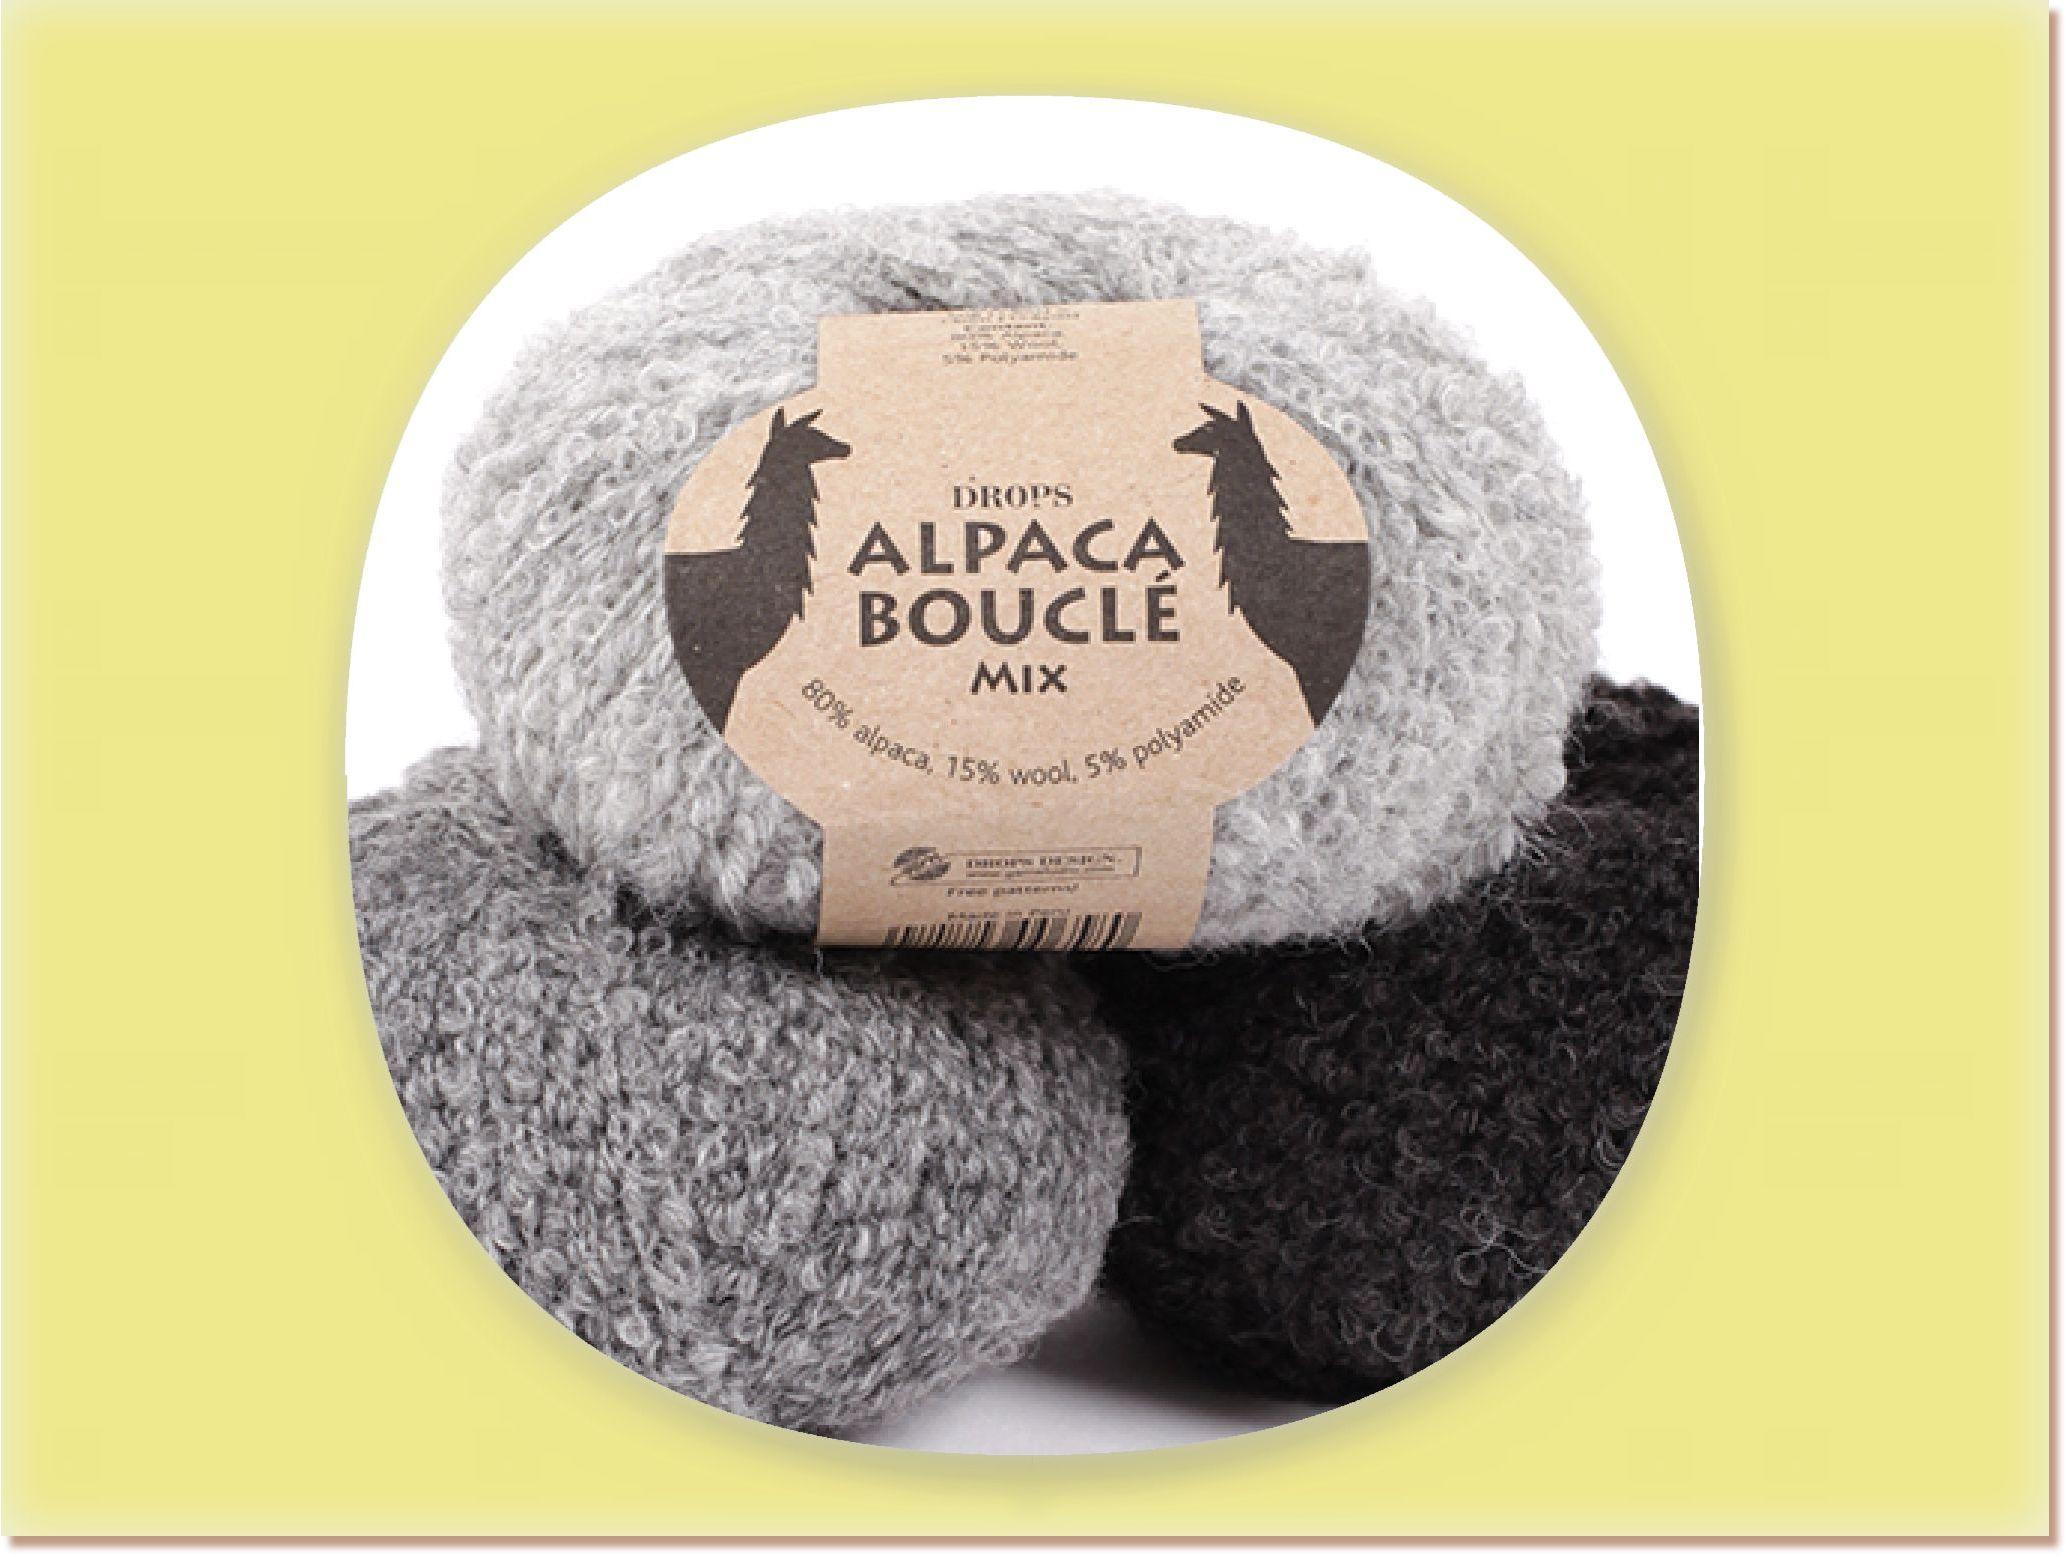 DROPS Alpaca Bouclé Mix